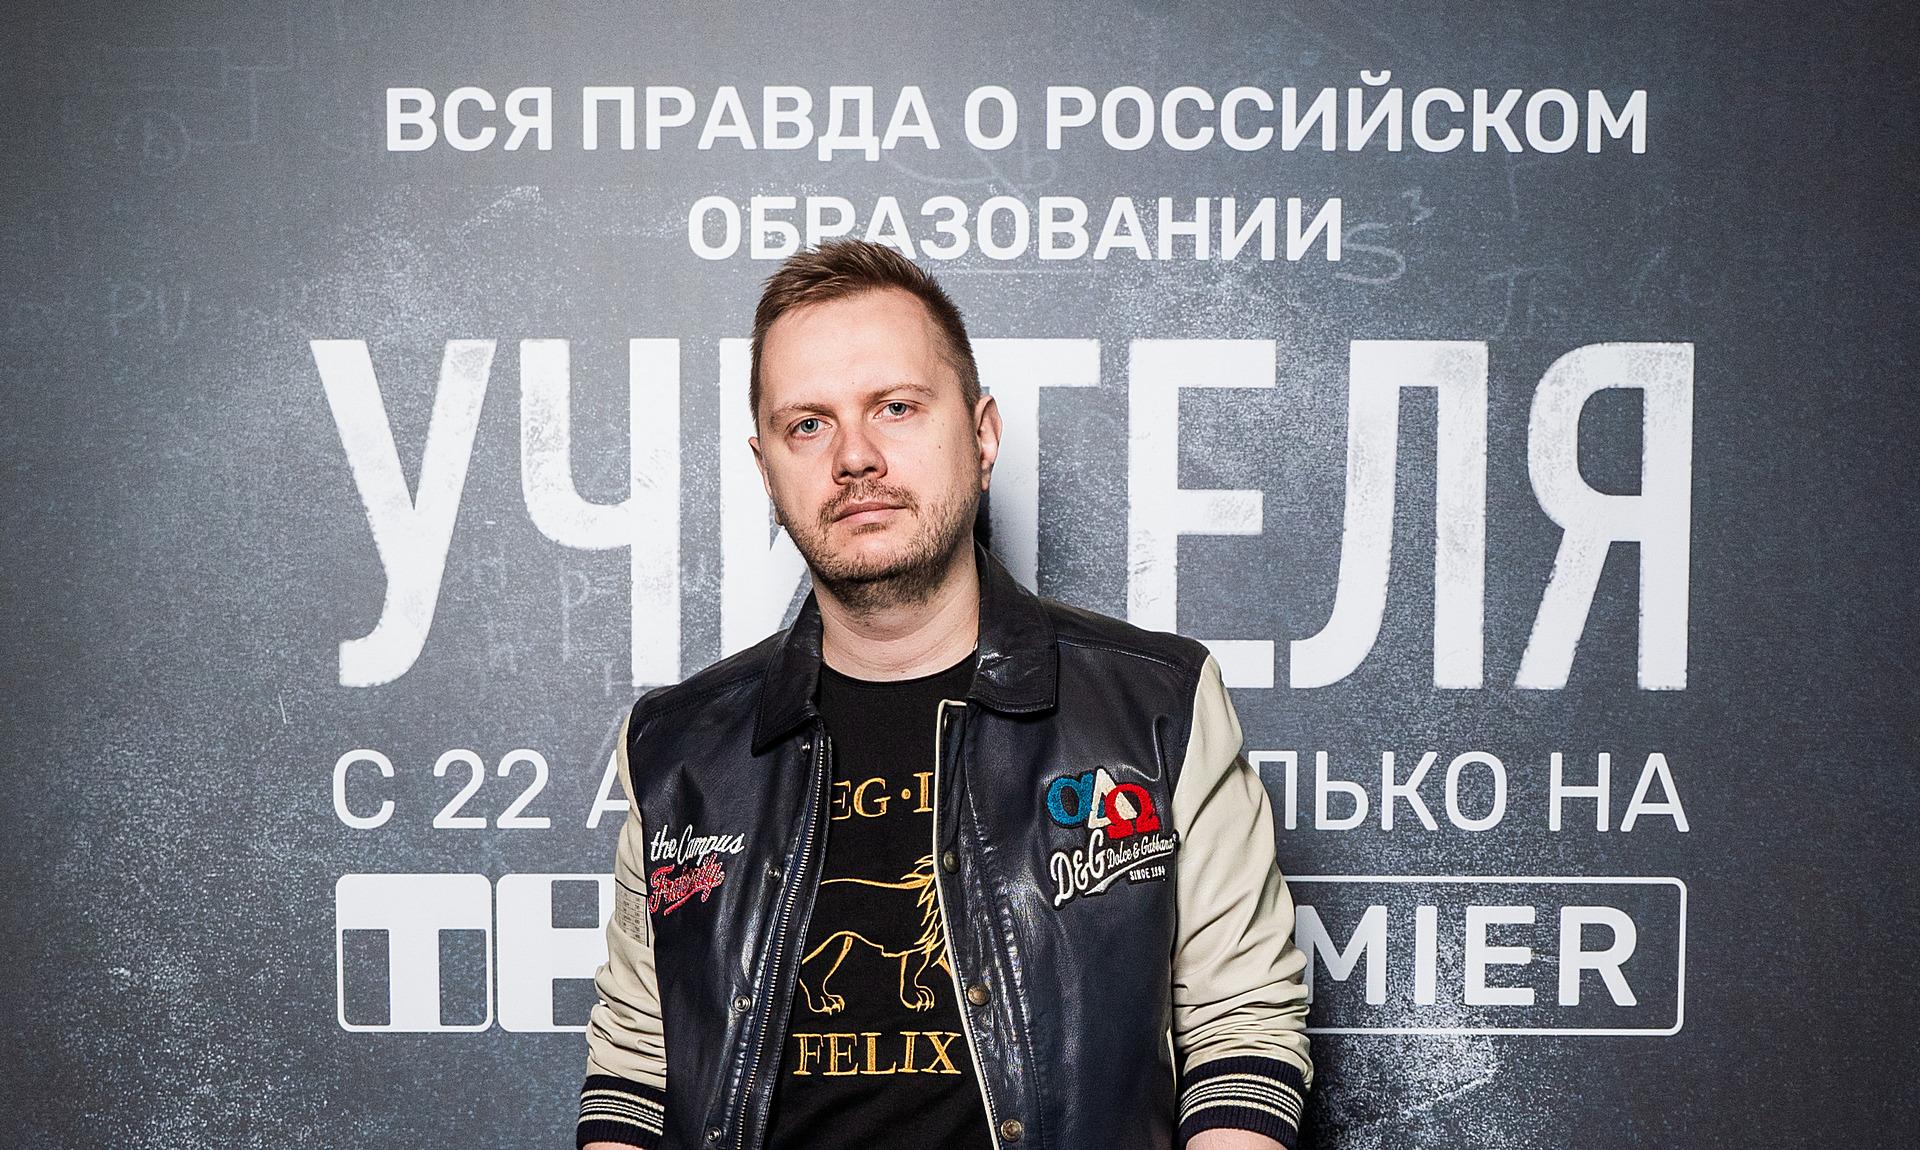 https://www.kinopoisk.ru/media/article/3403874/?utm_source=tg&utm_medium=social&utm_campaign=u-nas-vyshlo-bolshoe-intervyu-s-rezhissero